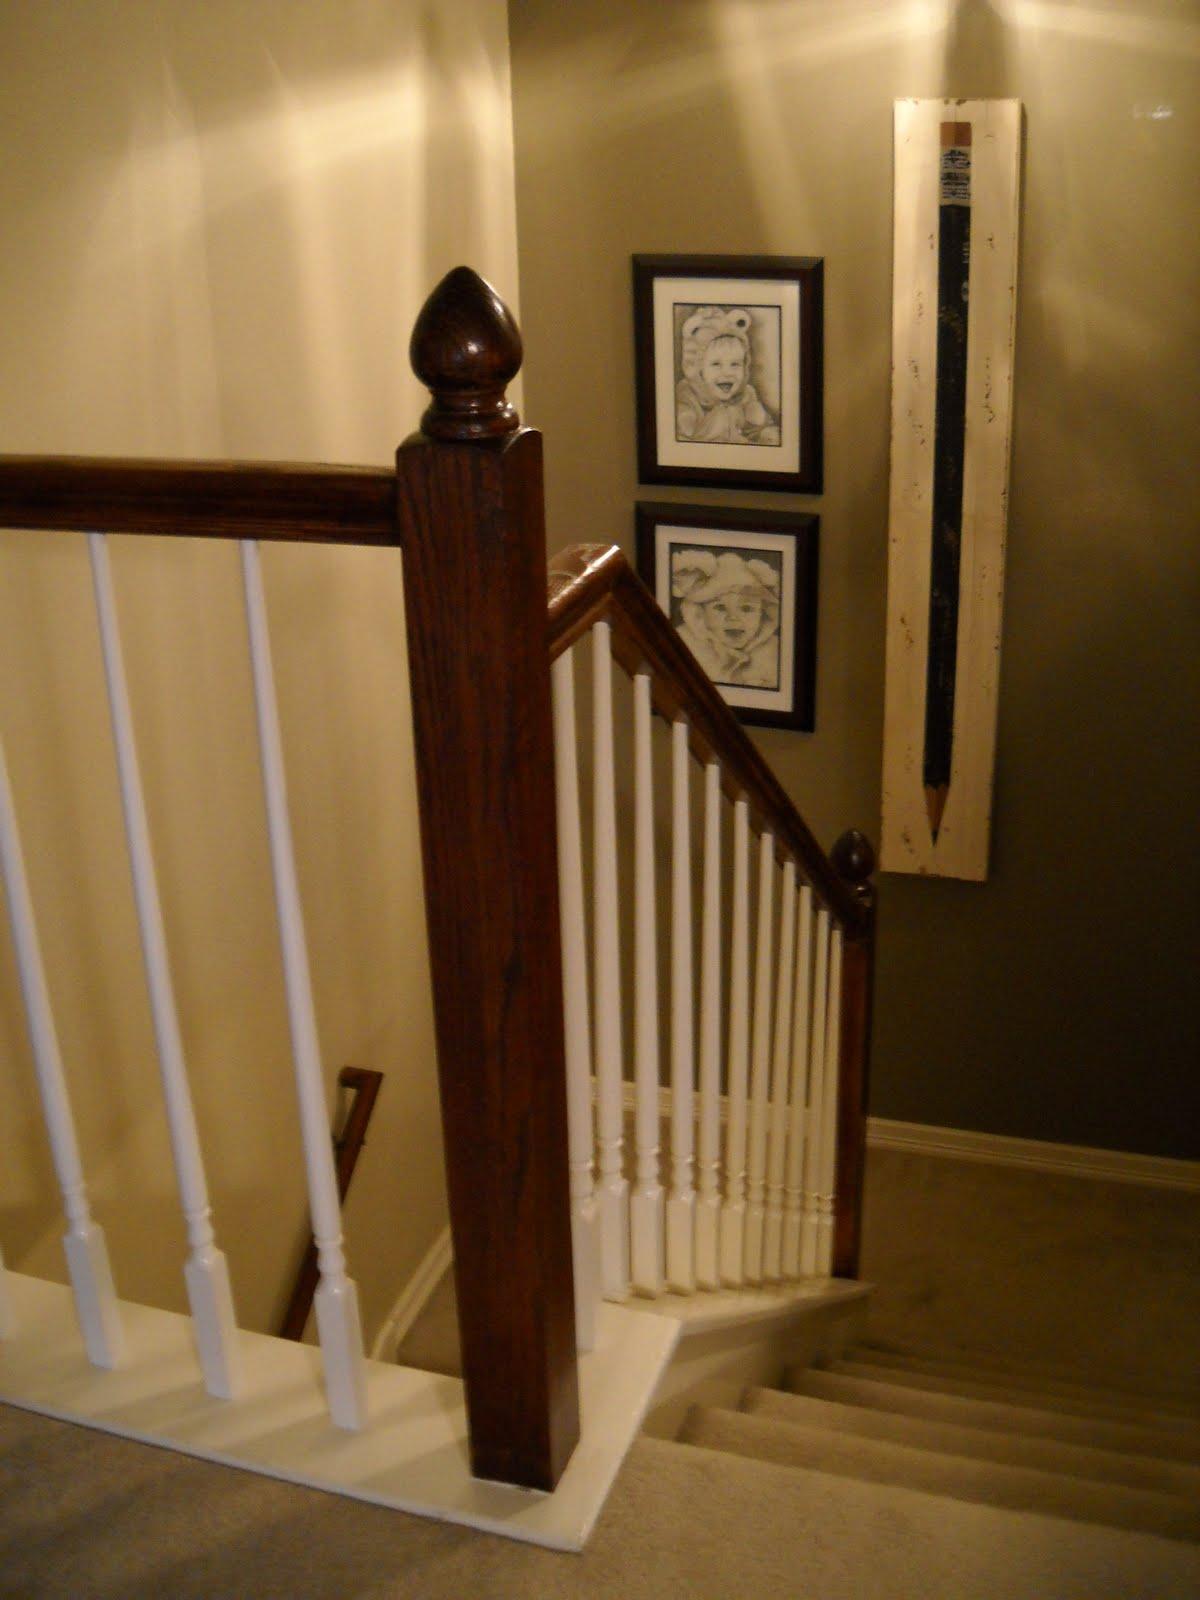 Oak To Dark Wood Stair Railing